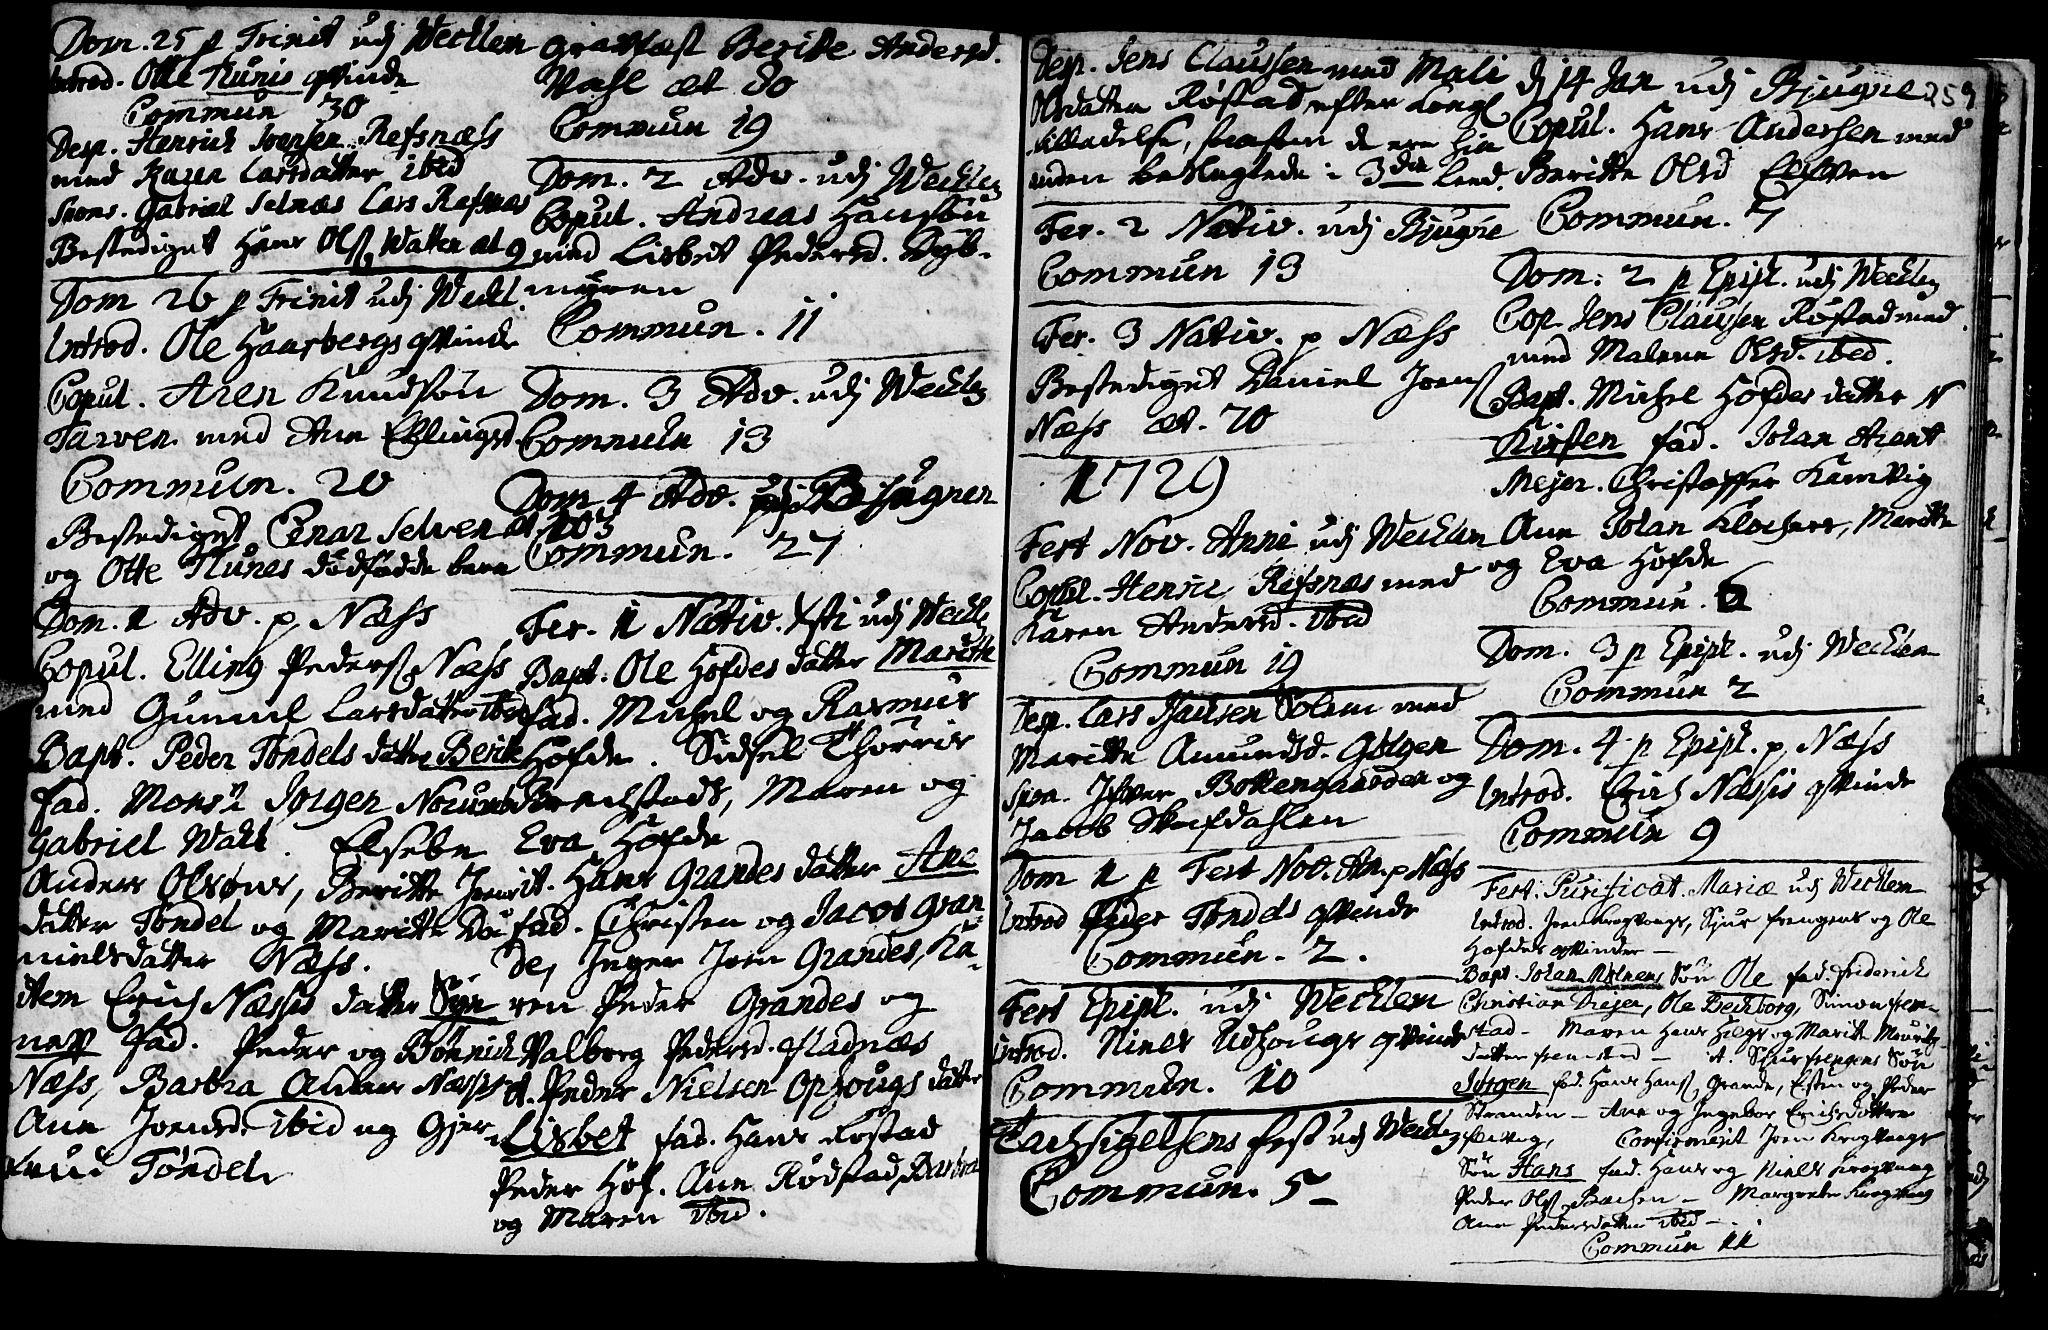 SAT, Ministerialprotokoller, klokkerbøker og fødselsregistre - Sør-Trøndelag, 659/L0731: Ministerialbok nr. 659A01, 1709-1731, s. 258-259